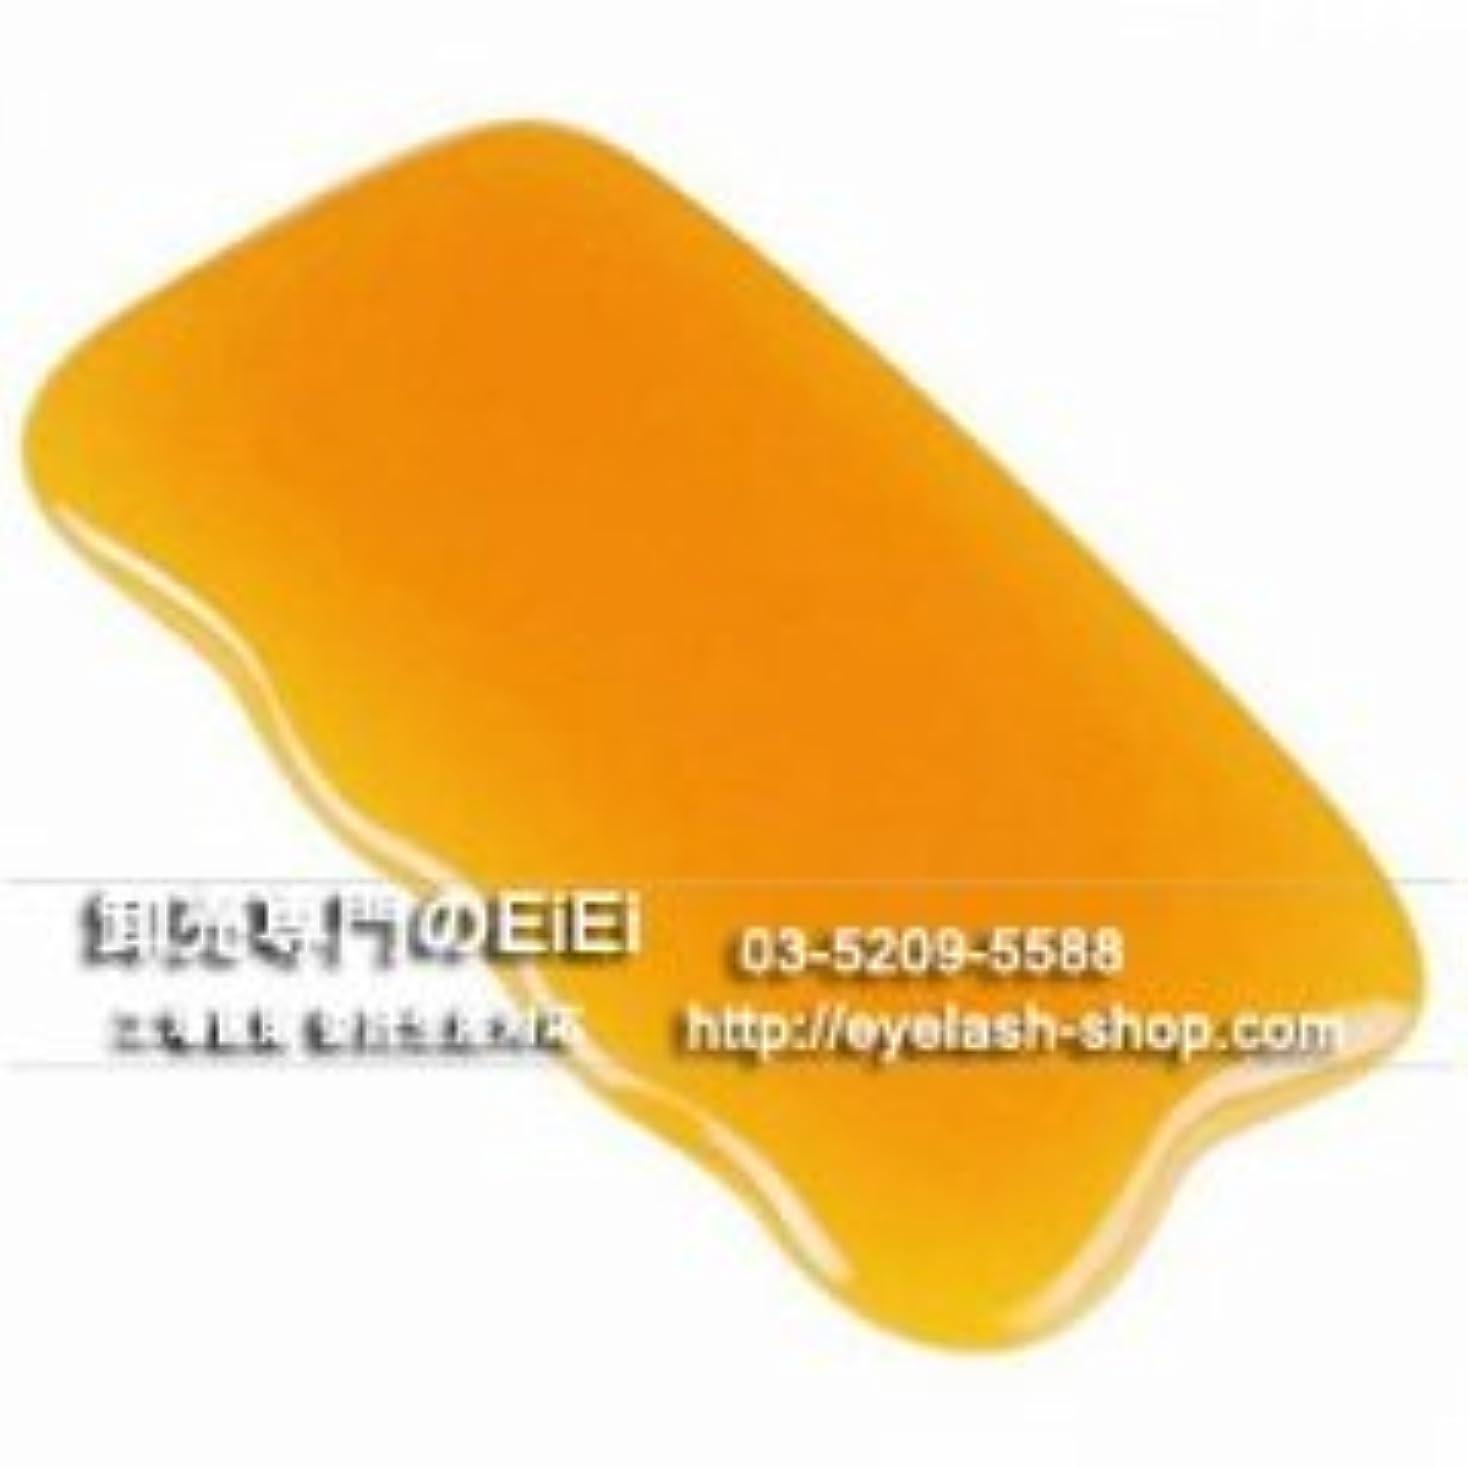 コメンテーター評価する思いつくかっさ板 蜜蝋かっさプレート 美容マッサージかっさ板 グアシャ板 C-17